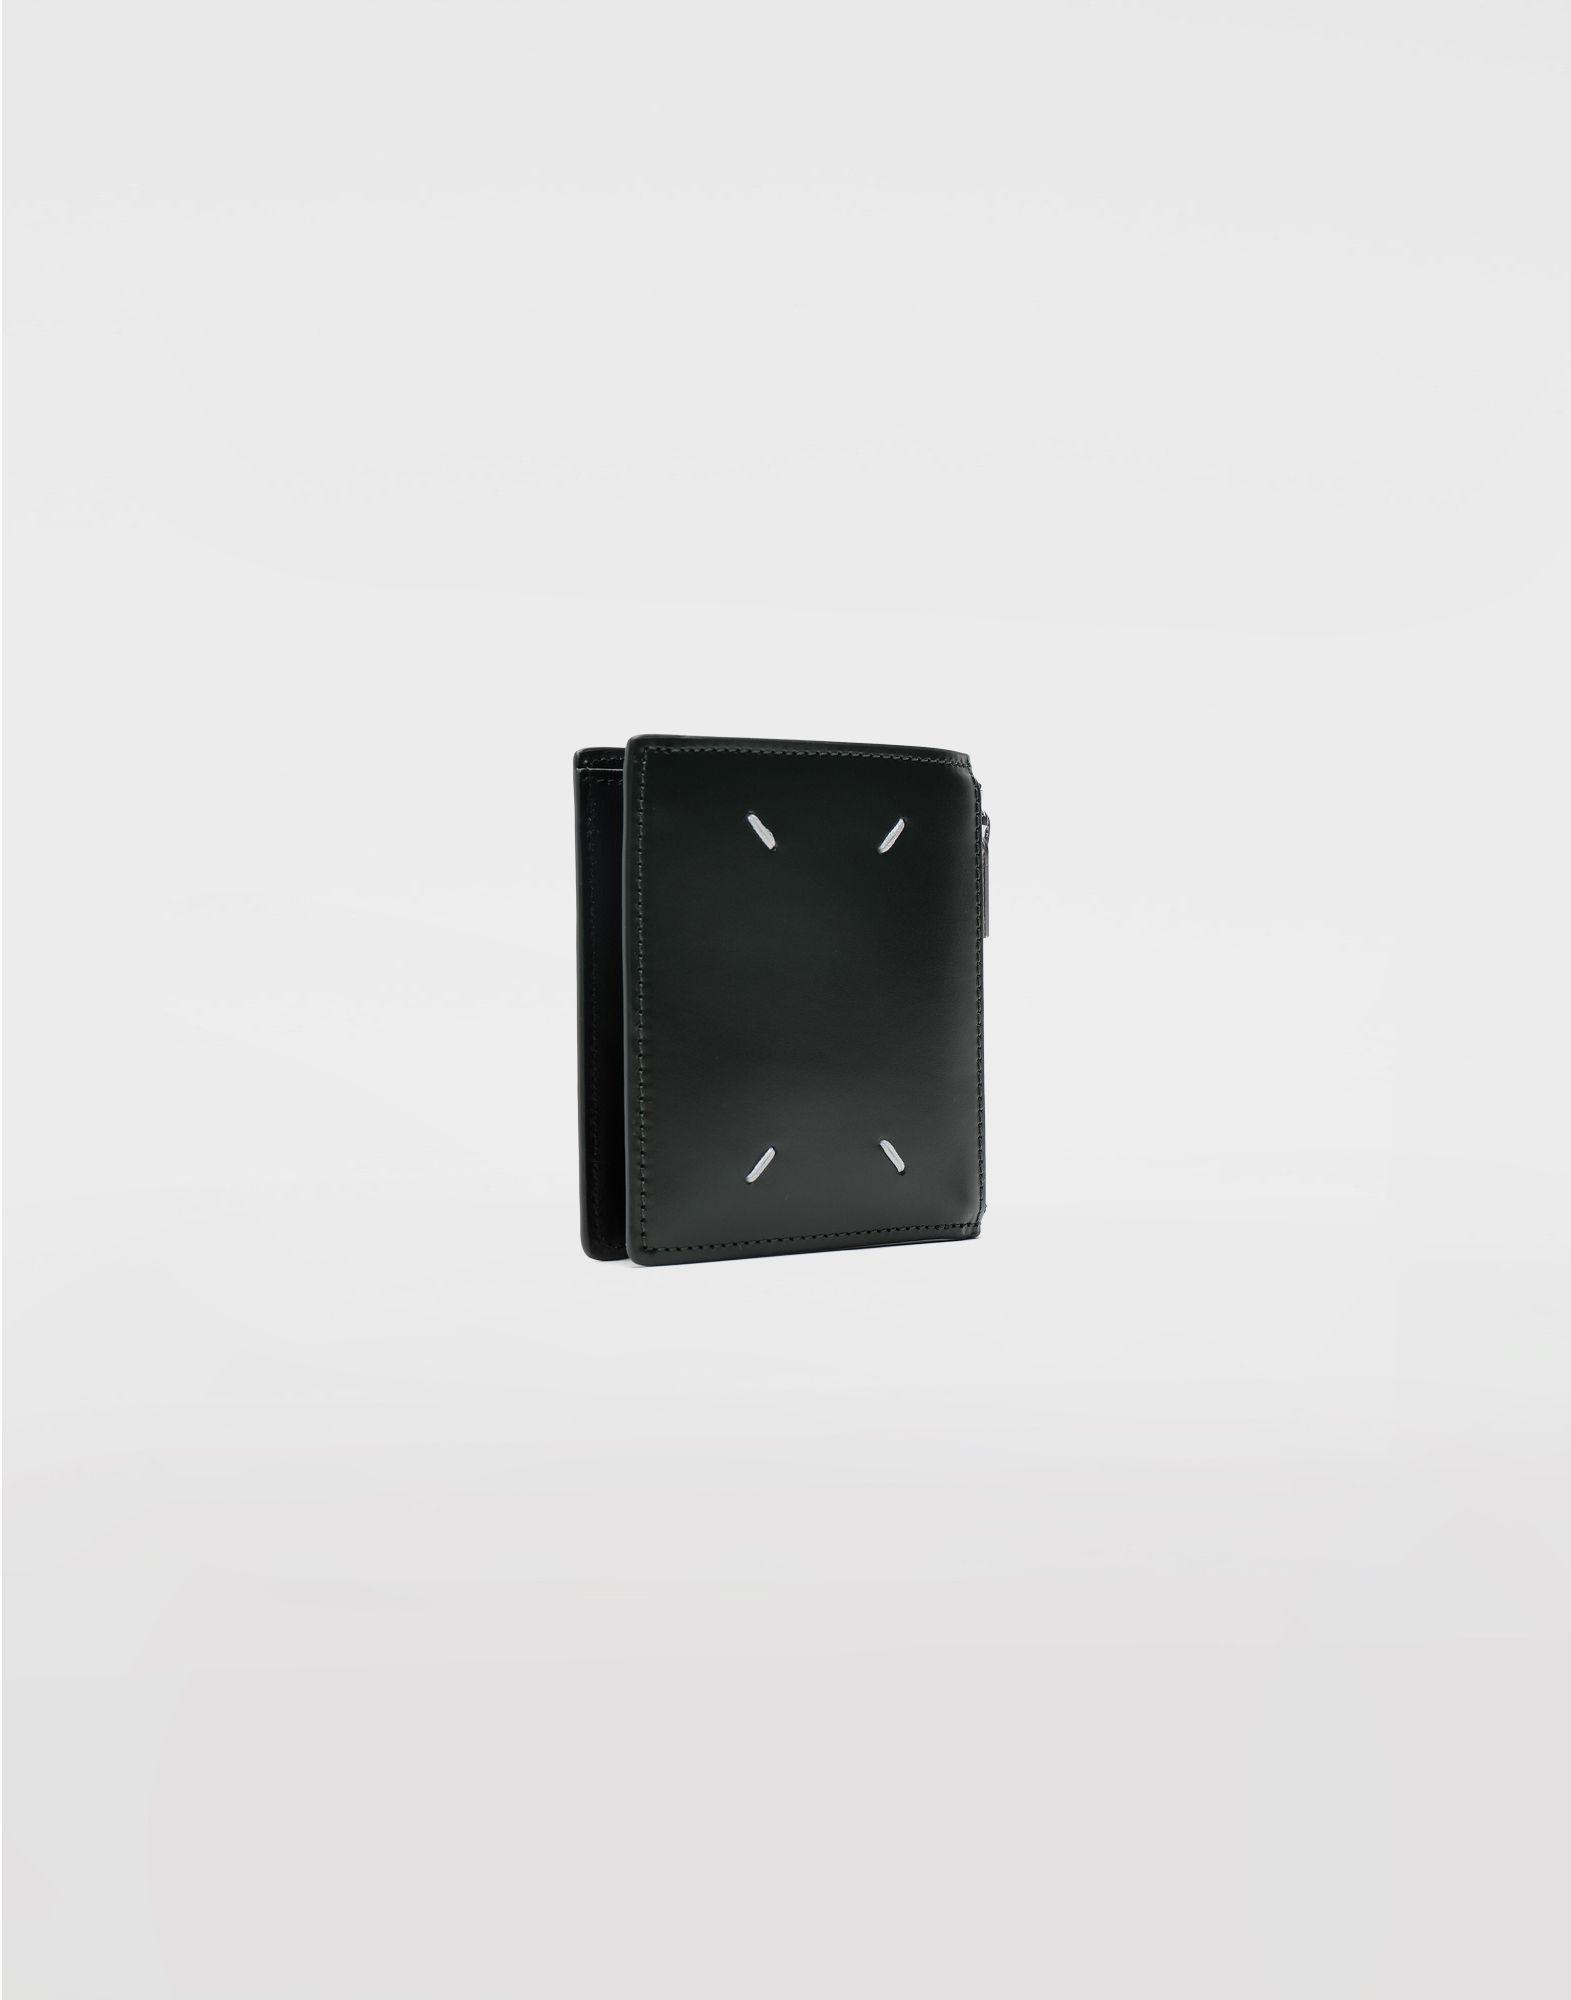 MAISON MARGIELA Kleine, zweifach klappbare Brieftasche aus Kalbsleder Portemonnaie Herr r